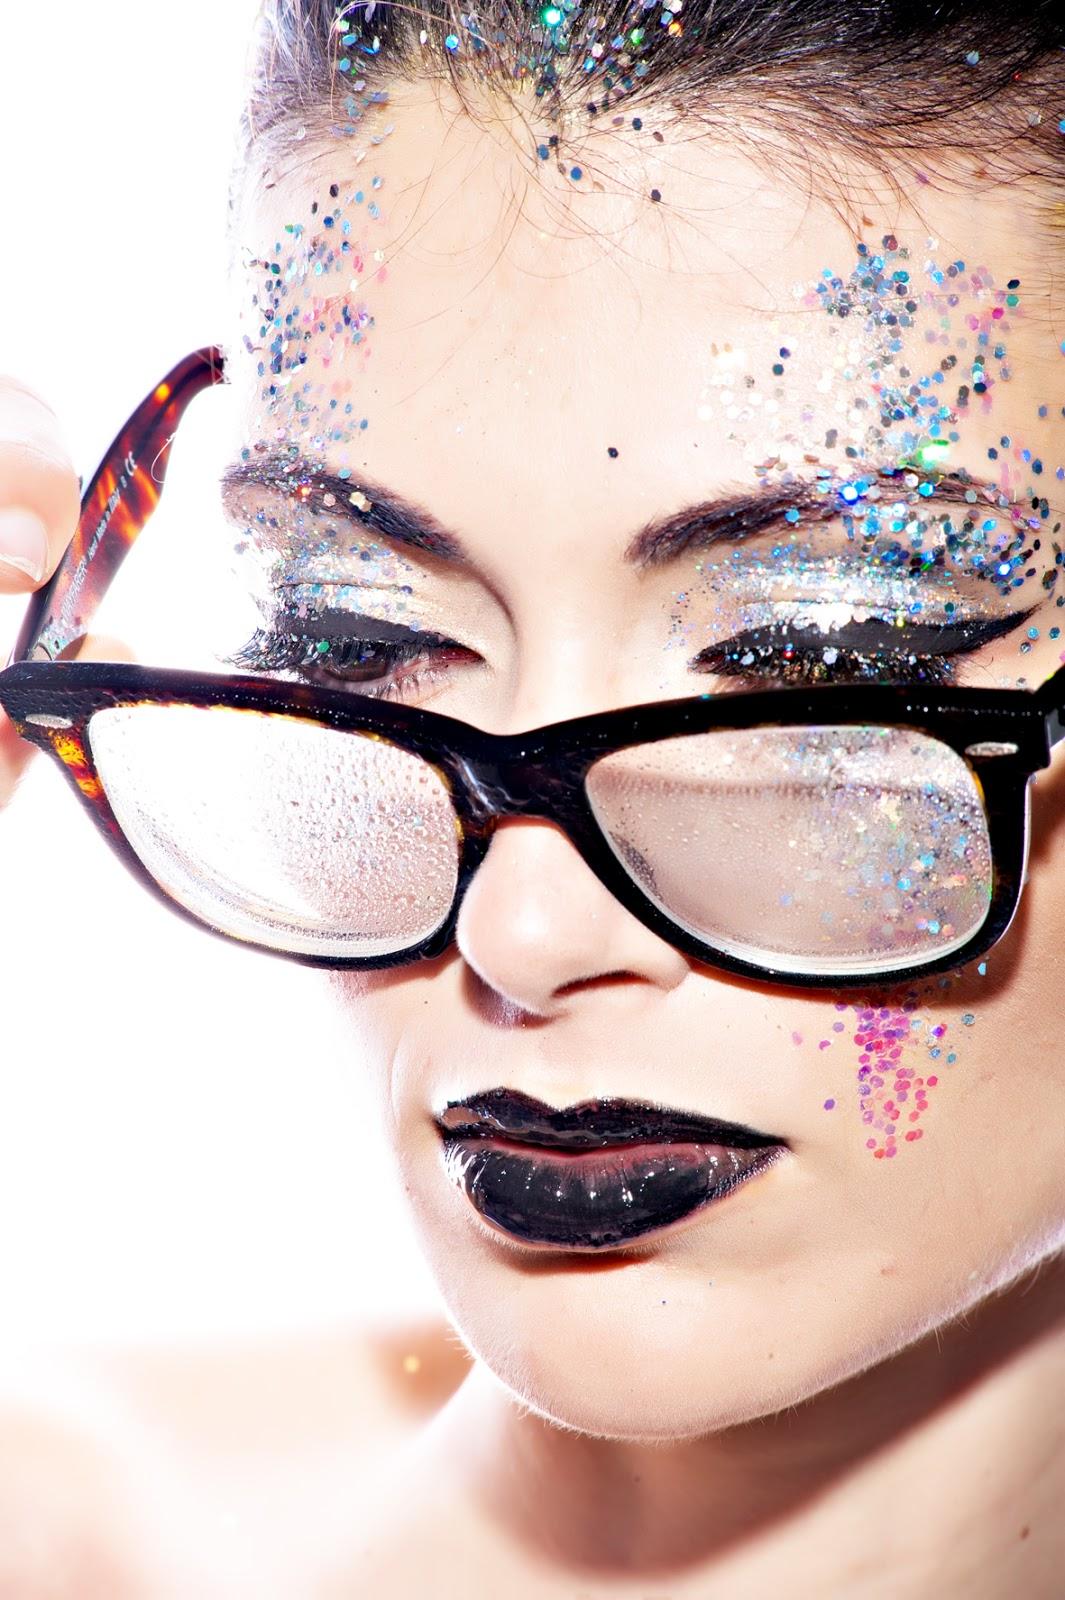 Rocco Ingria : Glitter passion